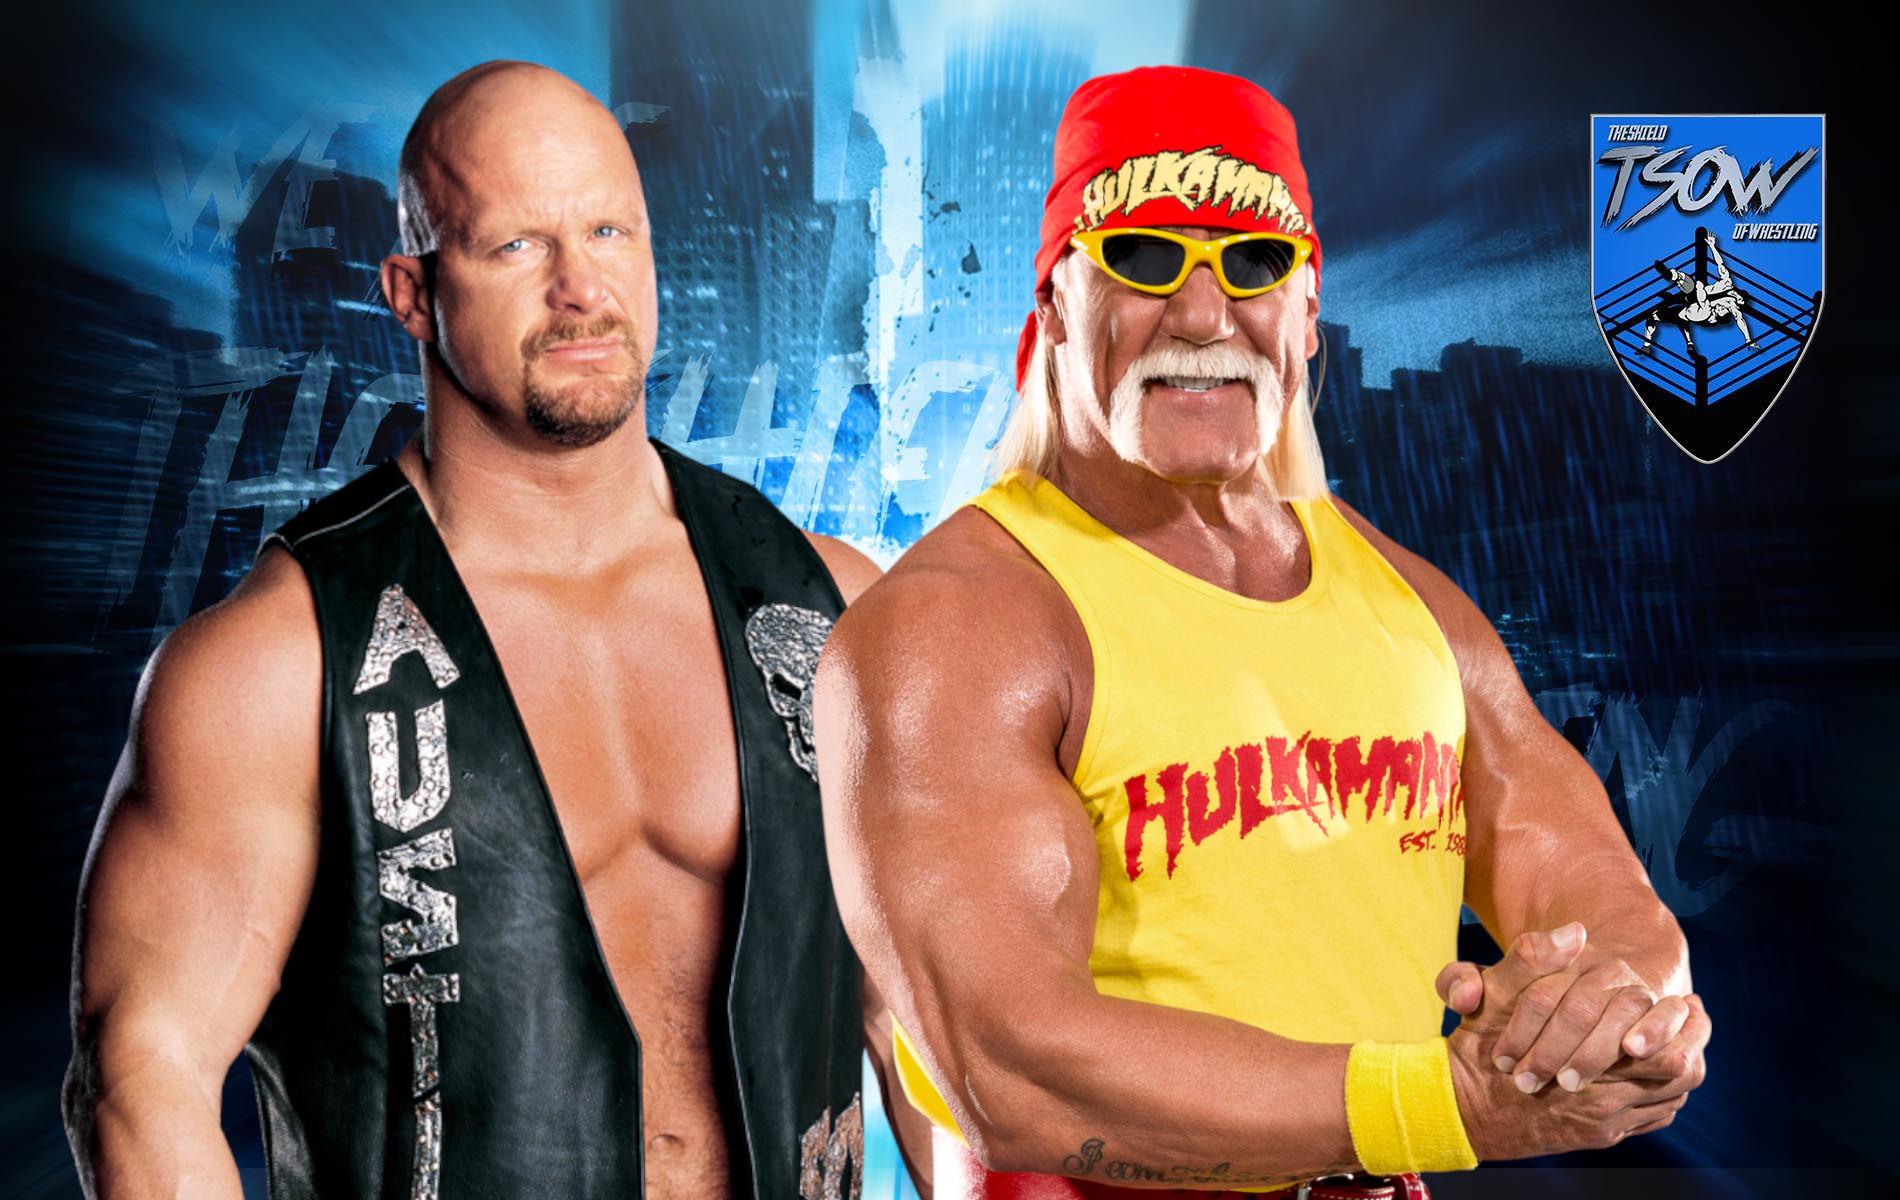 Hulk Hogan vs Stone Cold: perché non si fece?